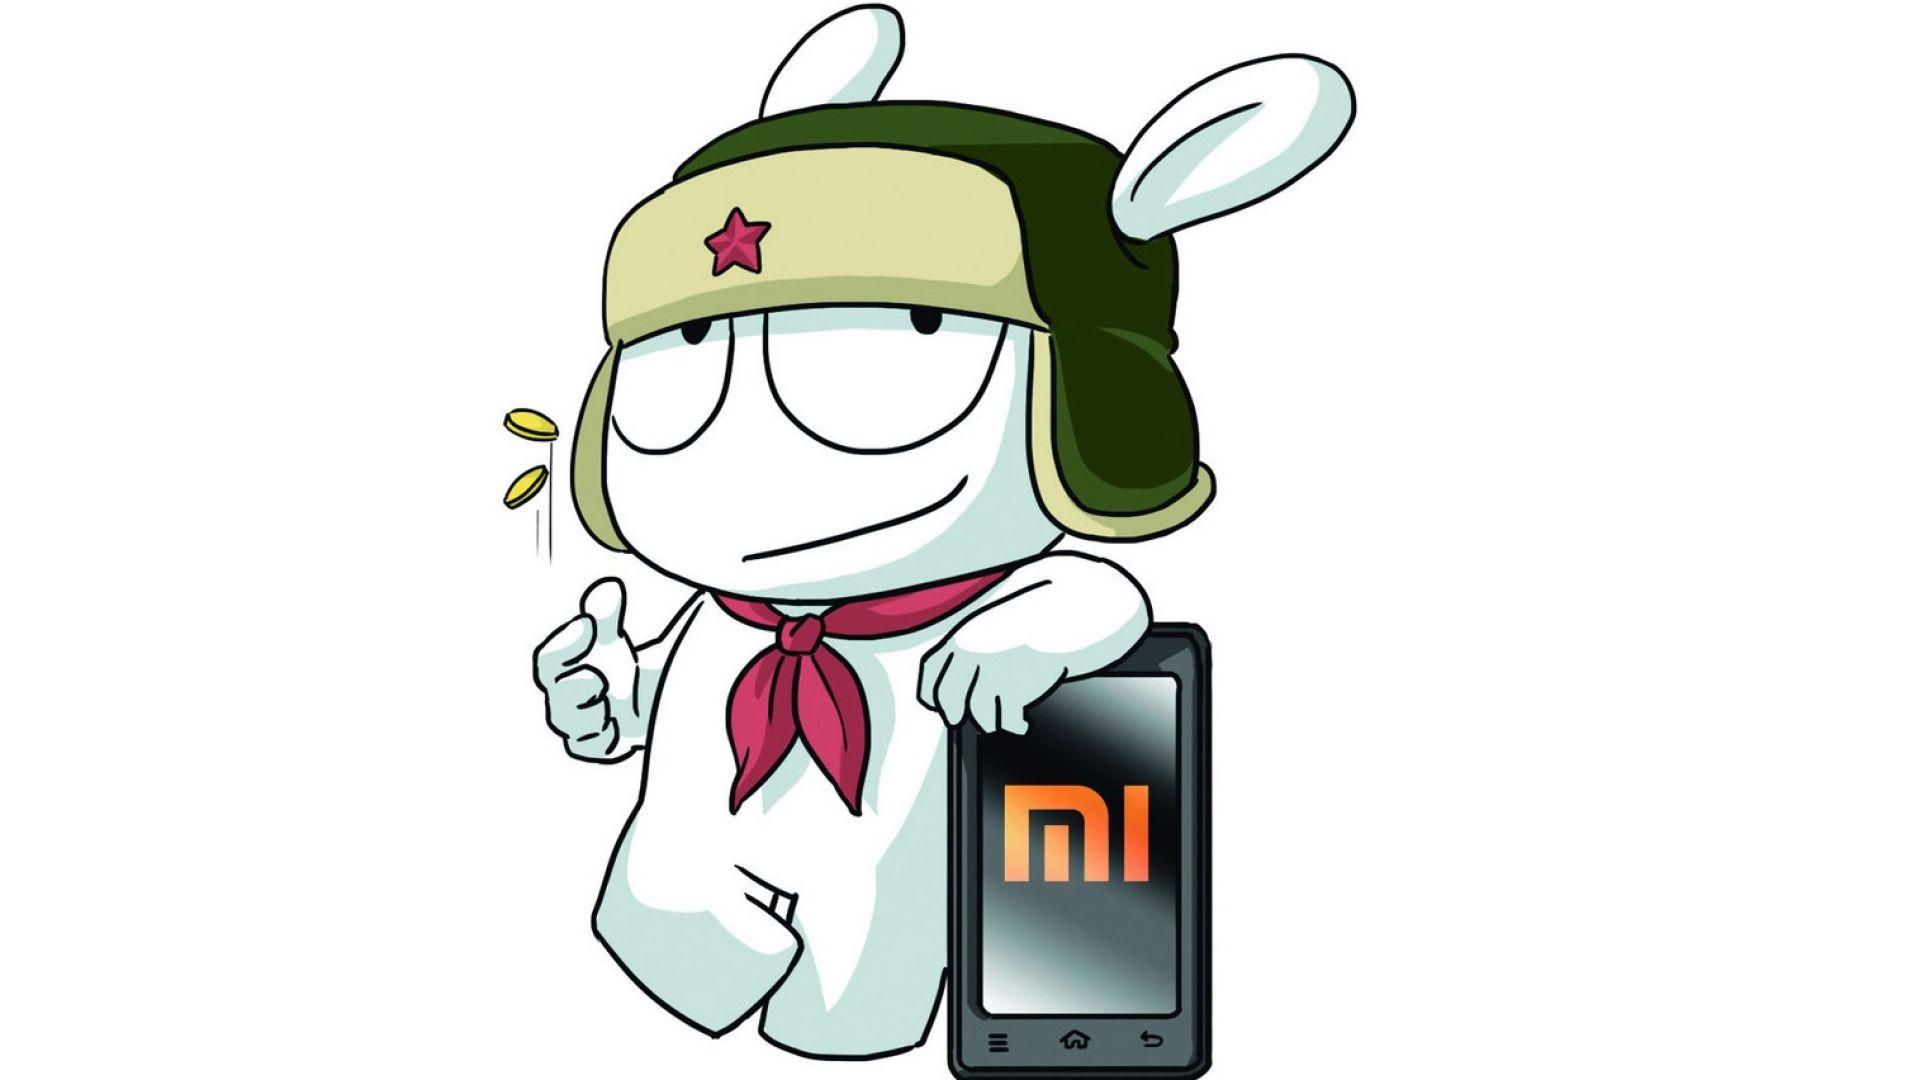 Защо телефоните на Xiaomi са по-евтини?